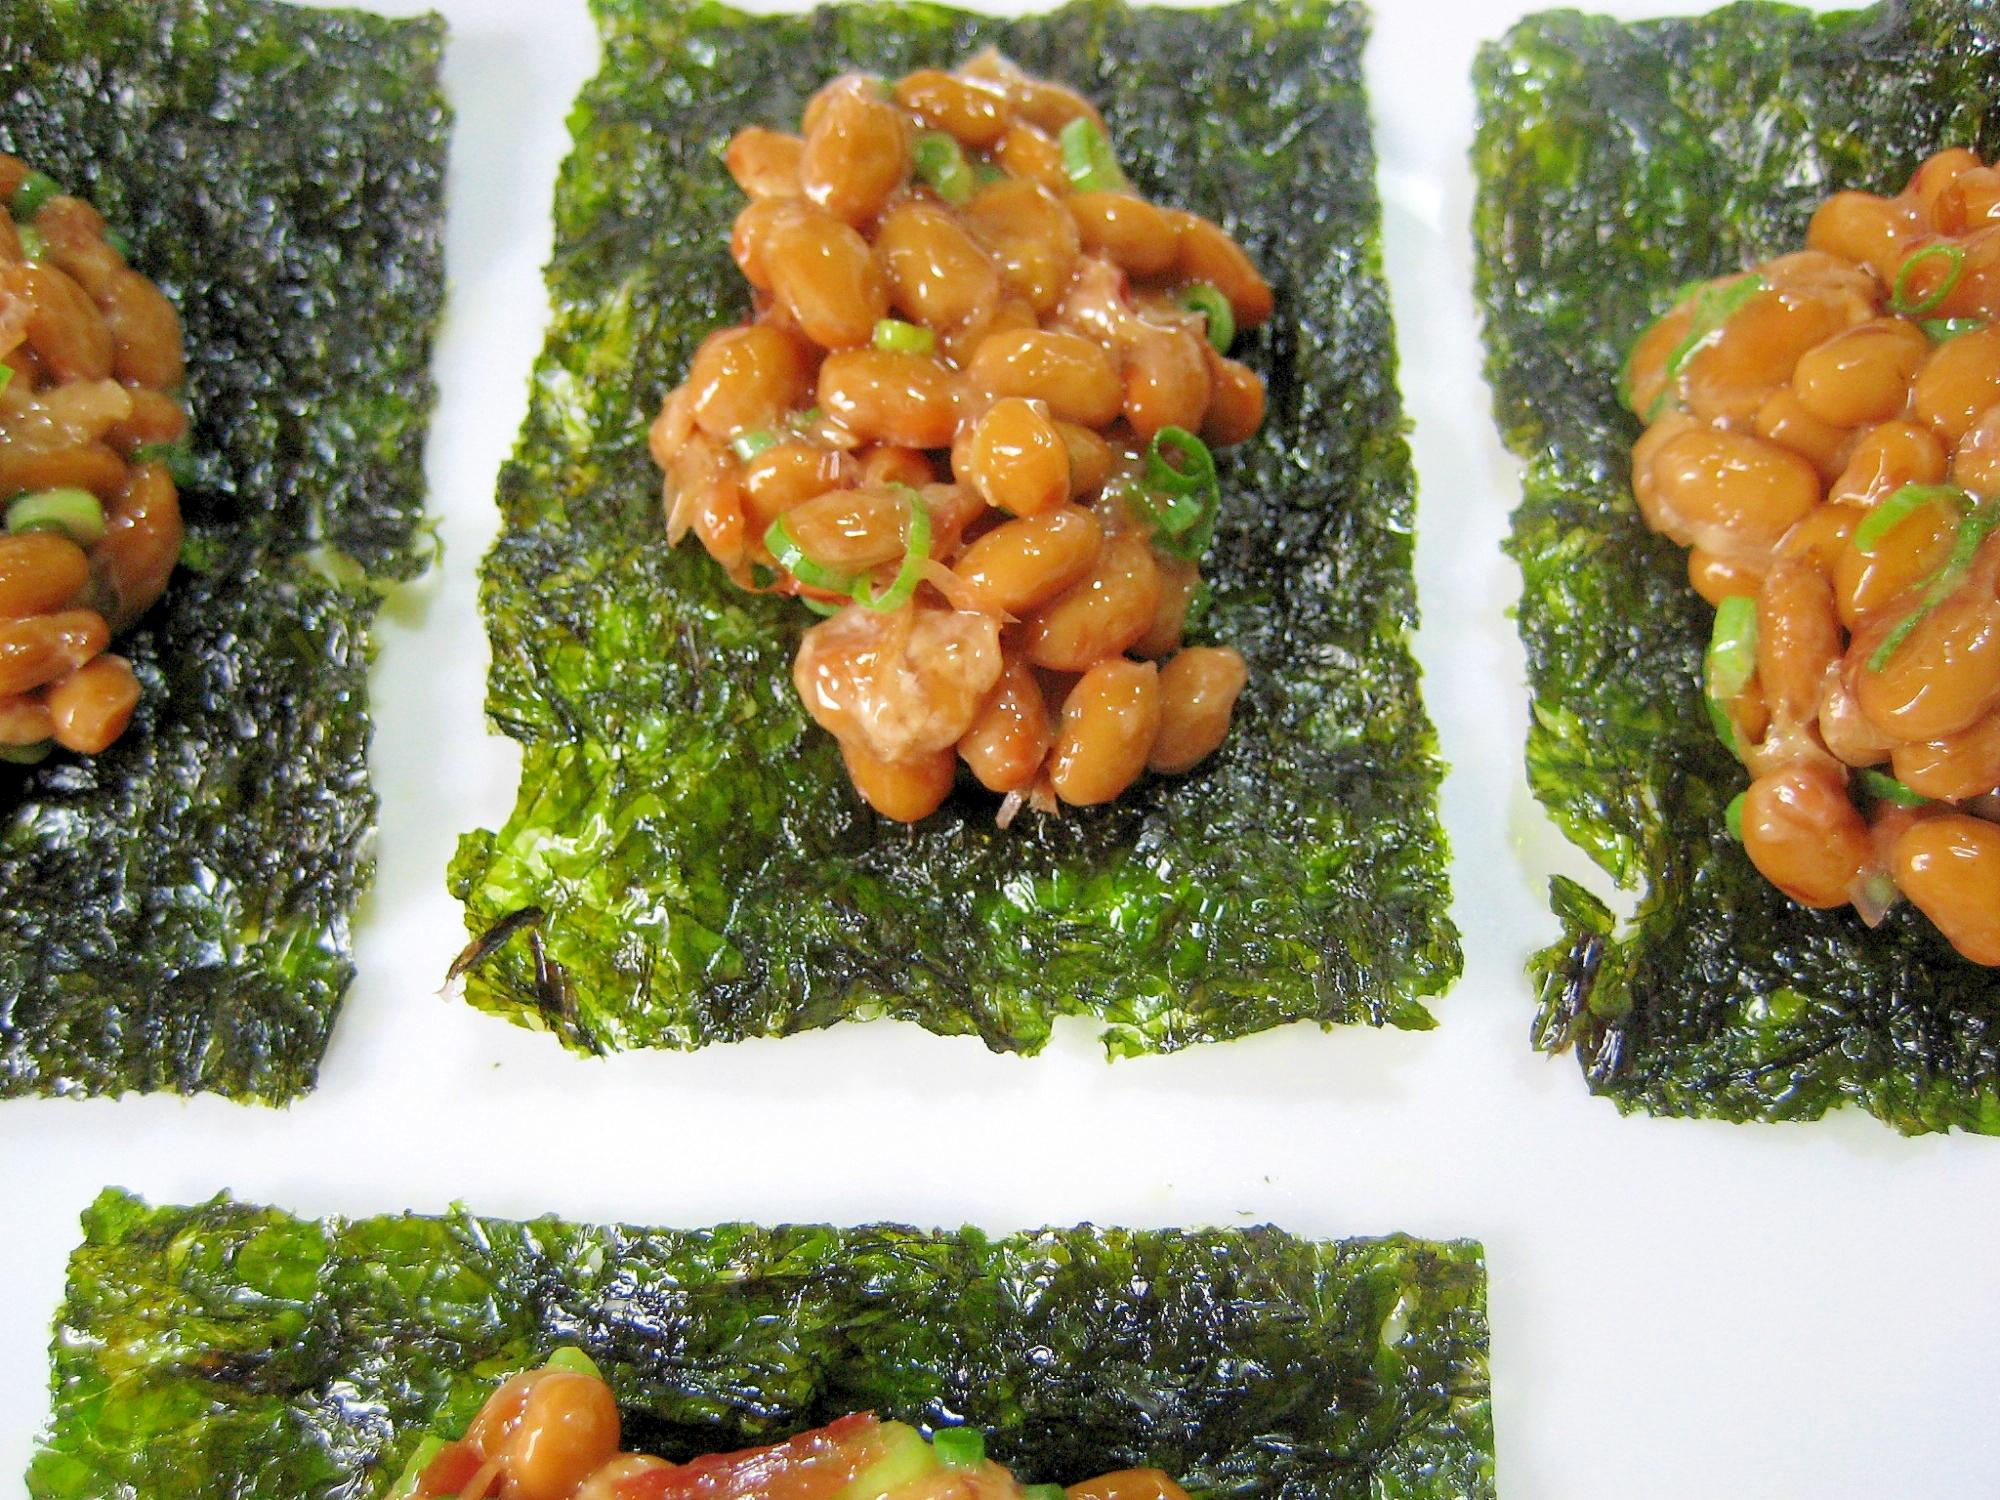 5. 韓国のりと納豆のおつまみ